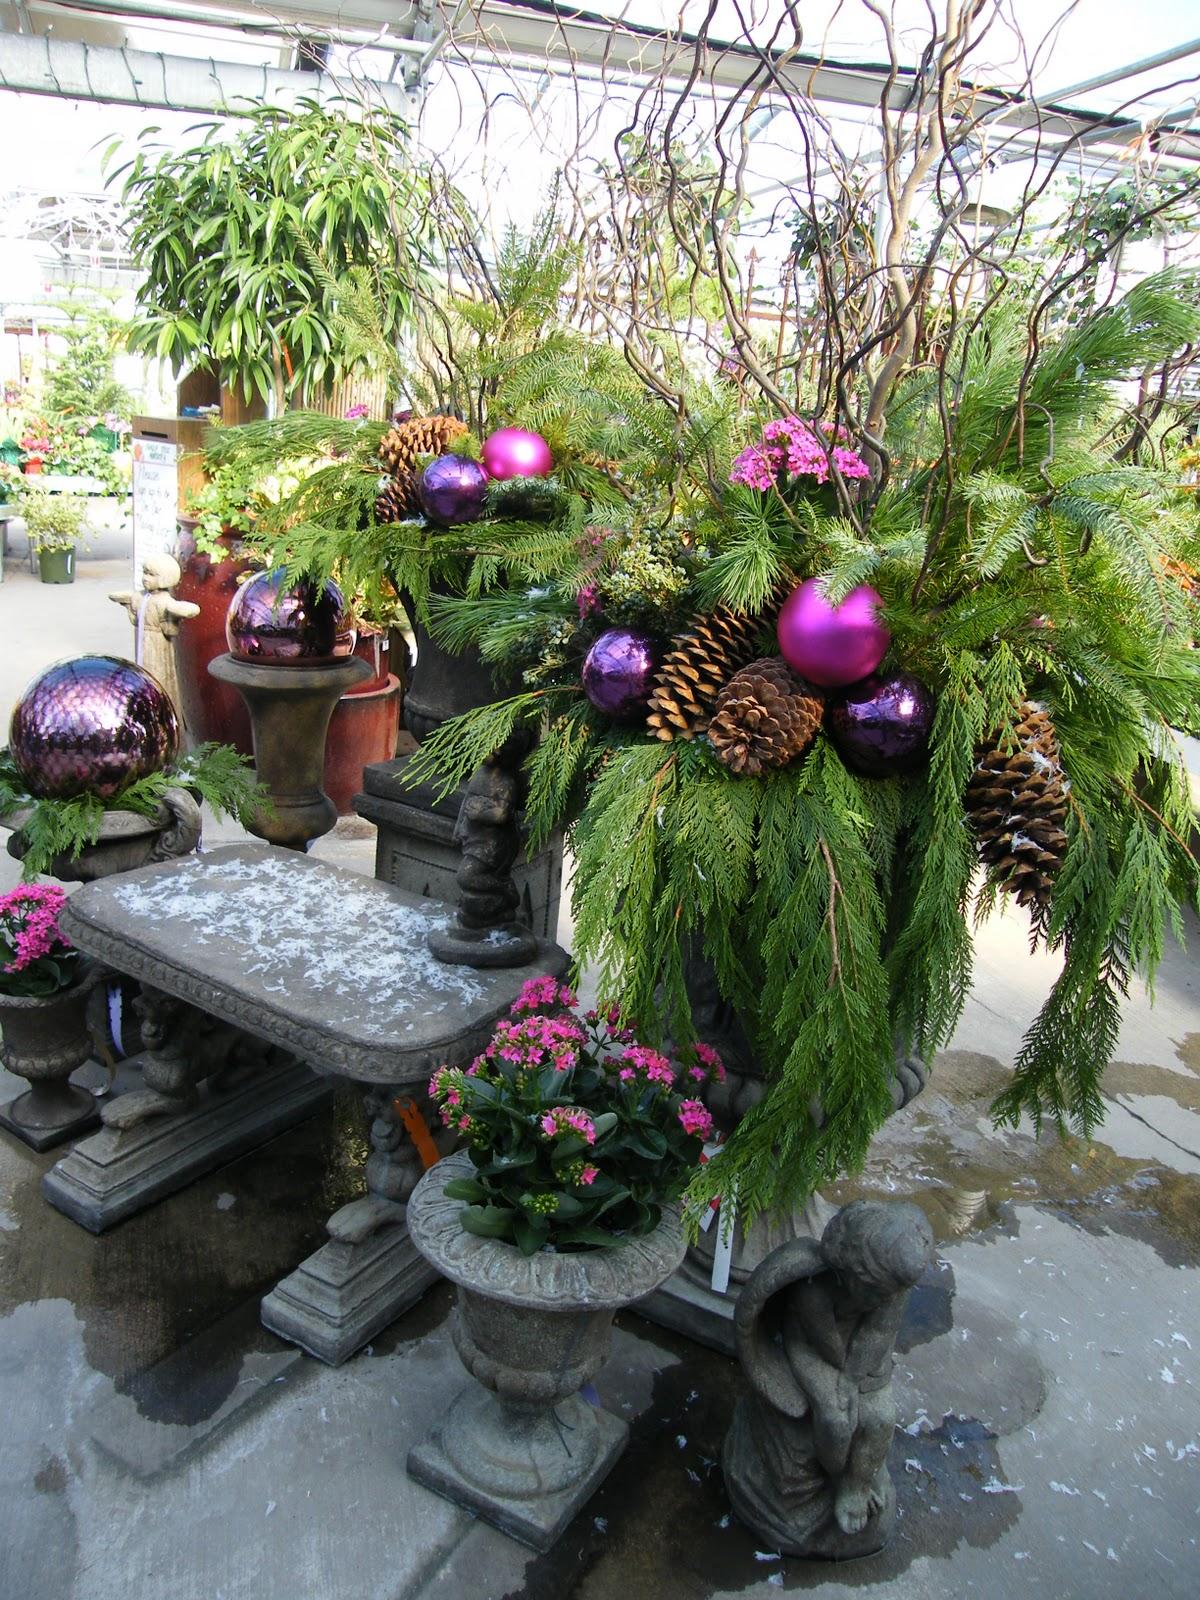 Family Tree Nursery Holiday Winter Pots